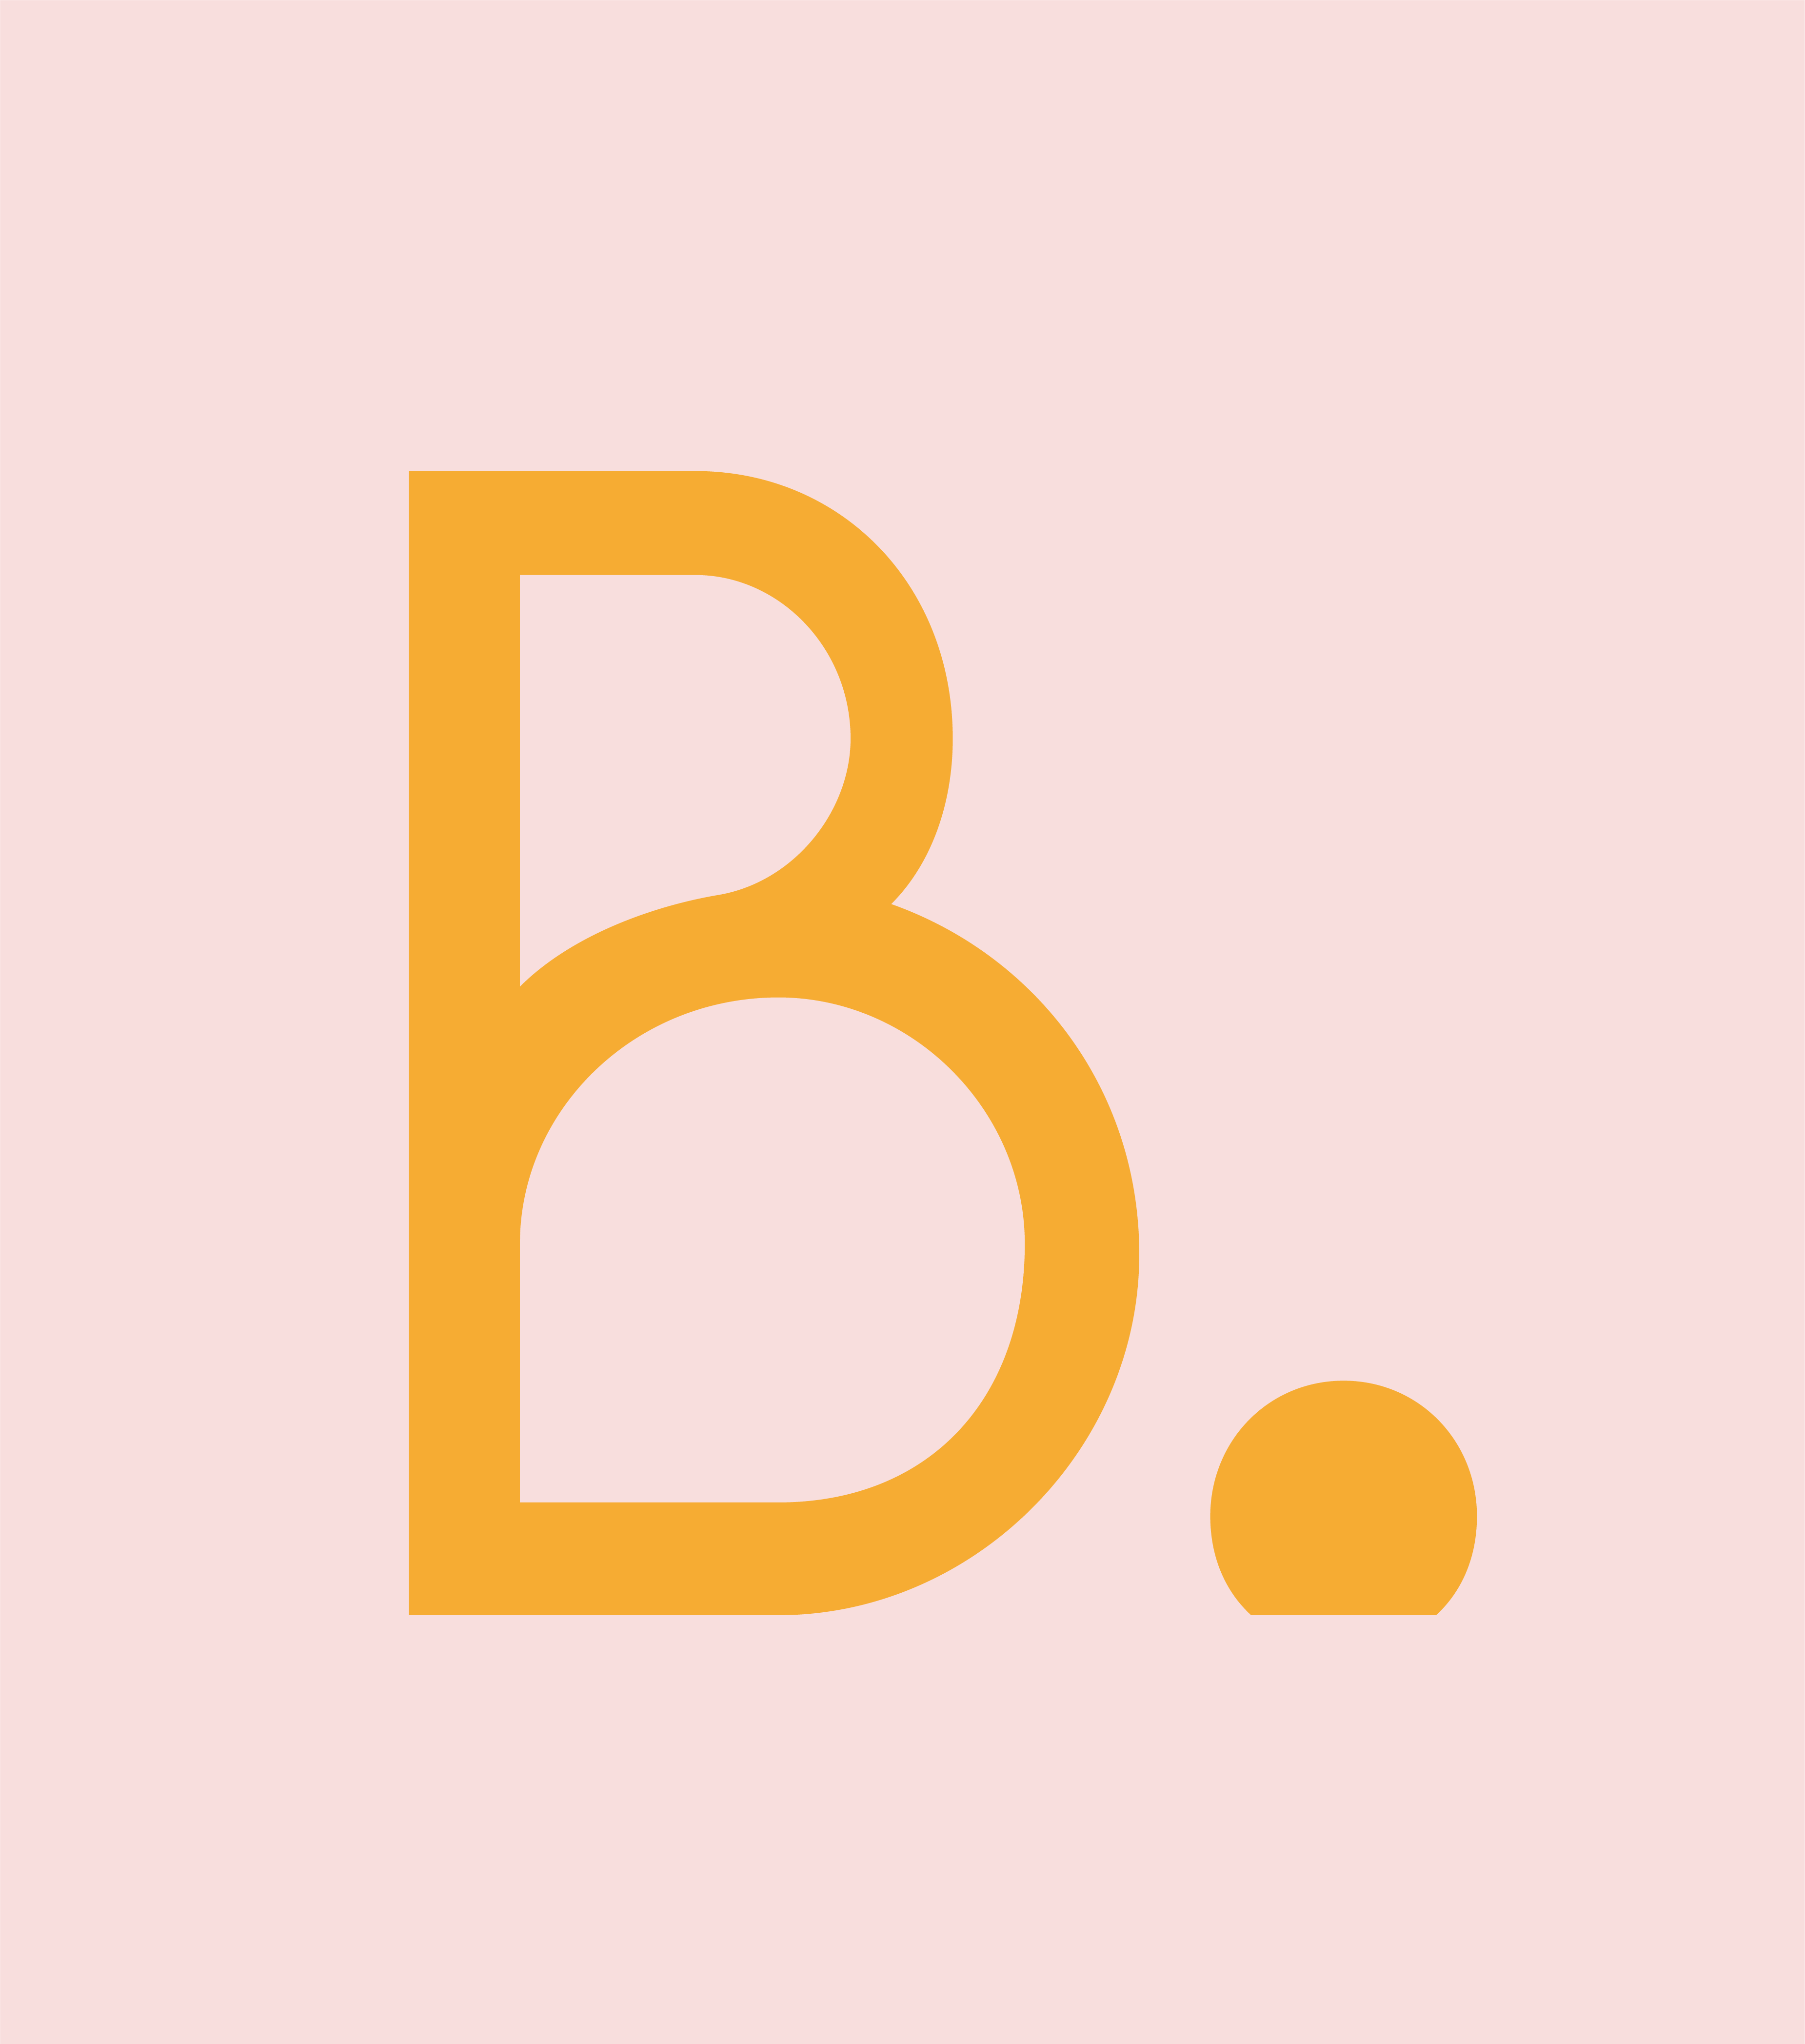 B de Blissim nouvelle identité birchbox orange et rose